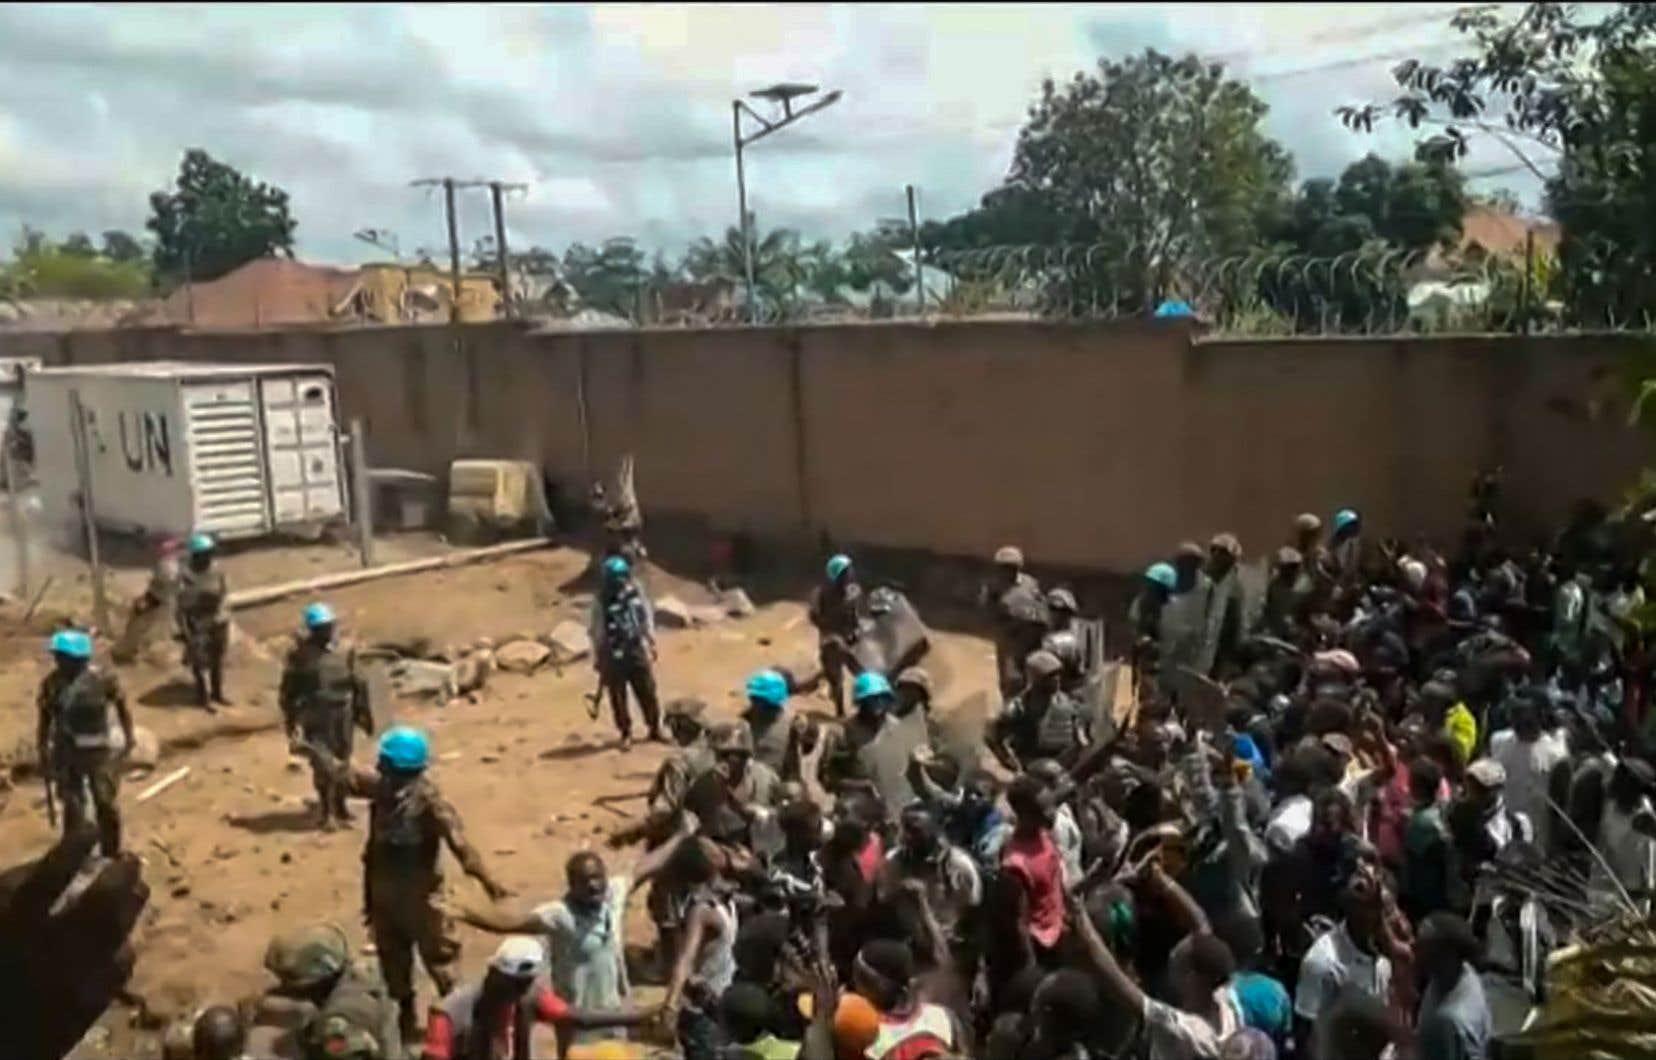 Des émeutiers ont attaqué un camp des Nations unies à Beni pour dénoncer leur «inaction» après le massacre de près de 80 civils en un mois, attribué à un groupe armé.